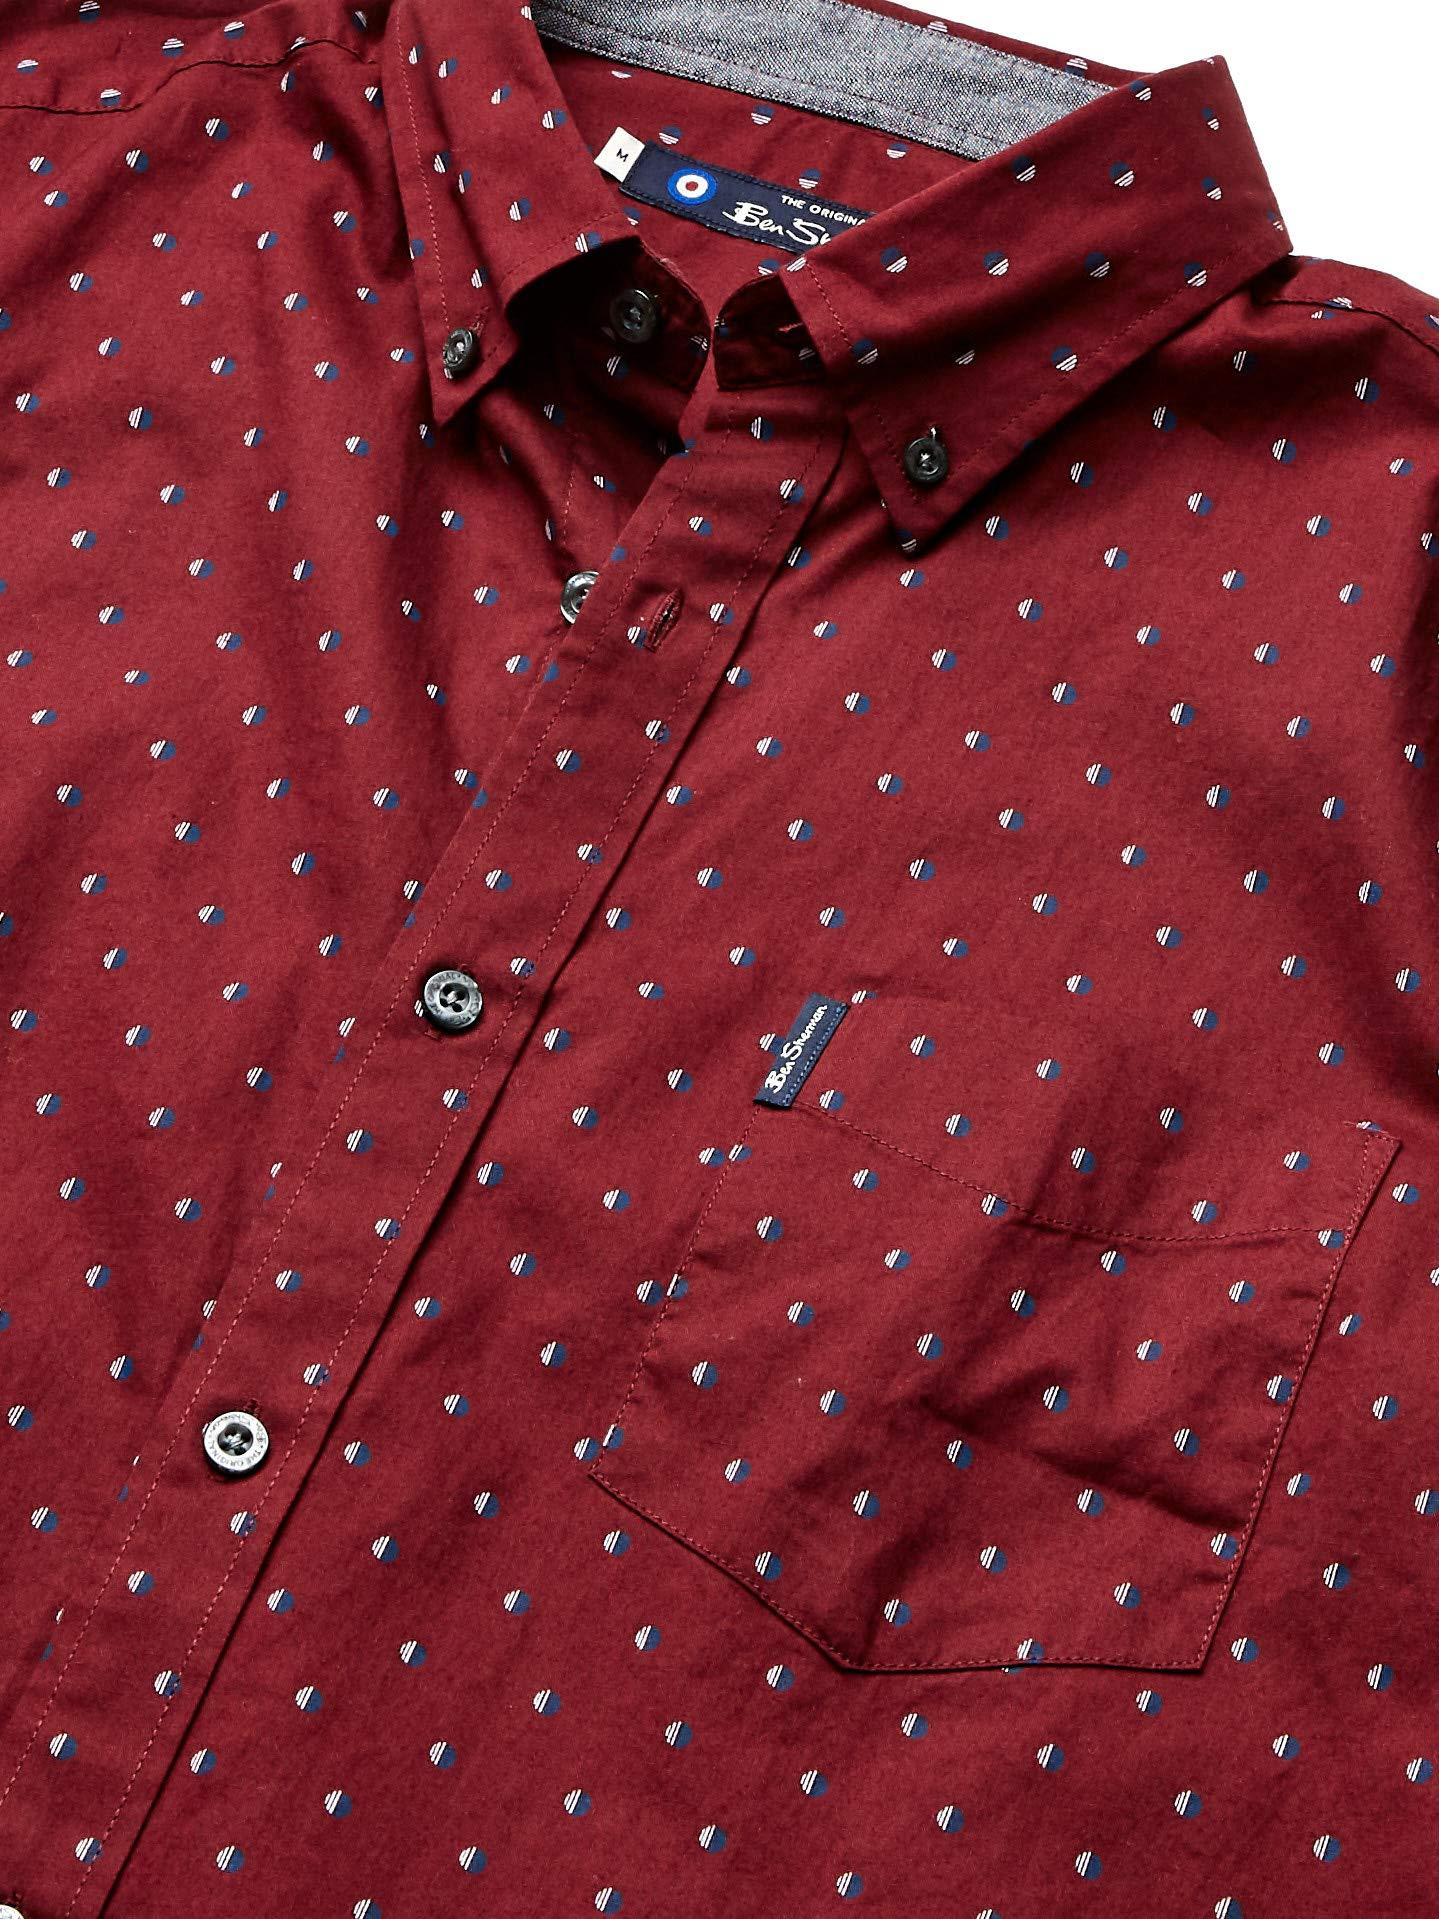 Ben-Sherman-Men-039-s-SS-SPT-Stripe-Print-Shirt-Tawny-Choose-SZ-color thumbnail 4